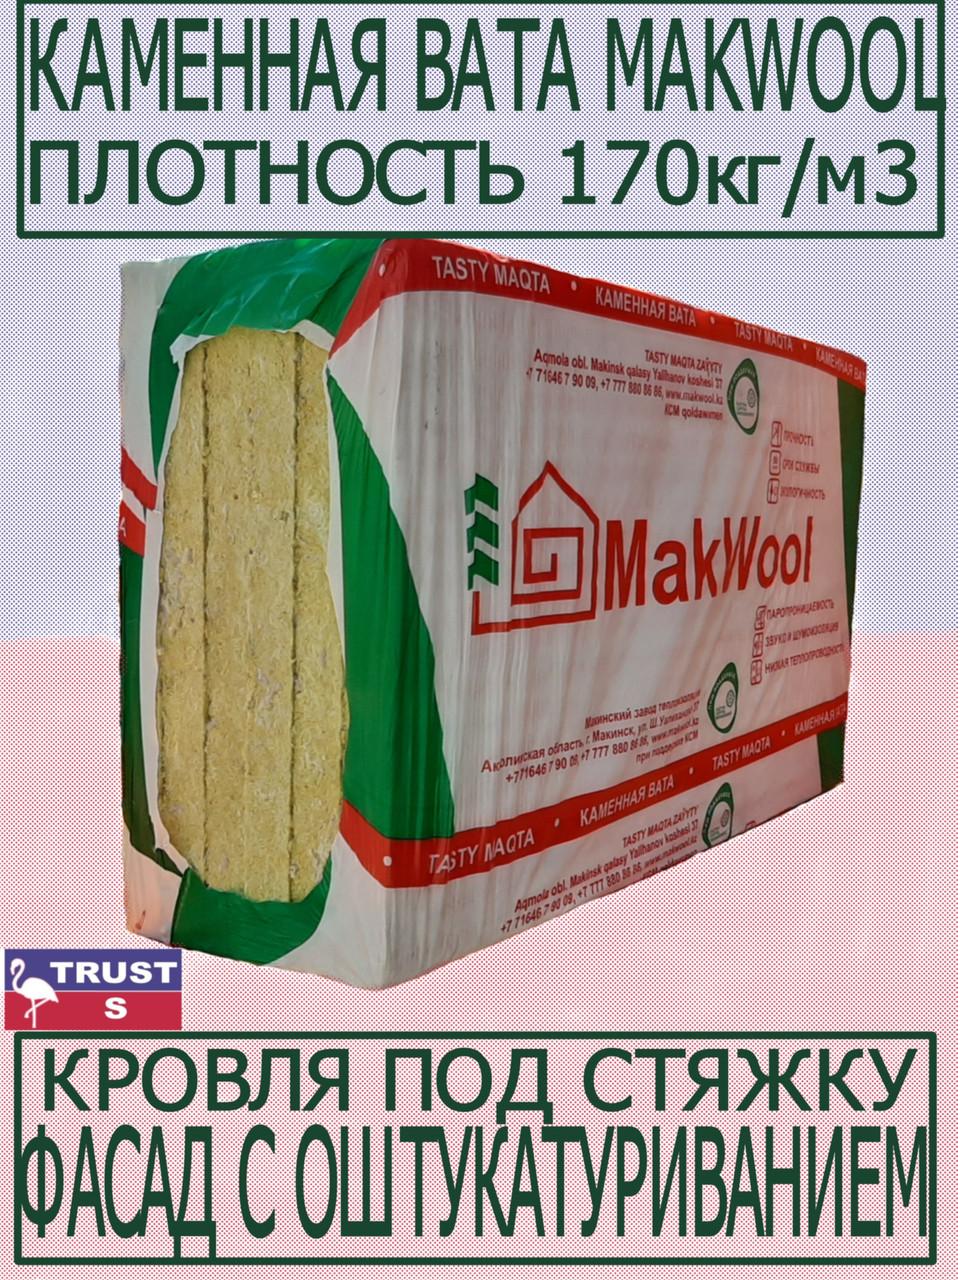 Утеплитель для нагружаемой кровли MAKWOOL ППЖ 170